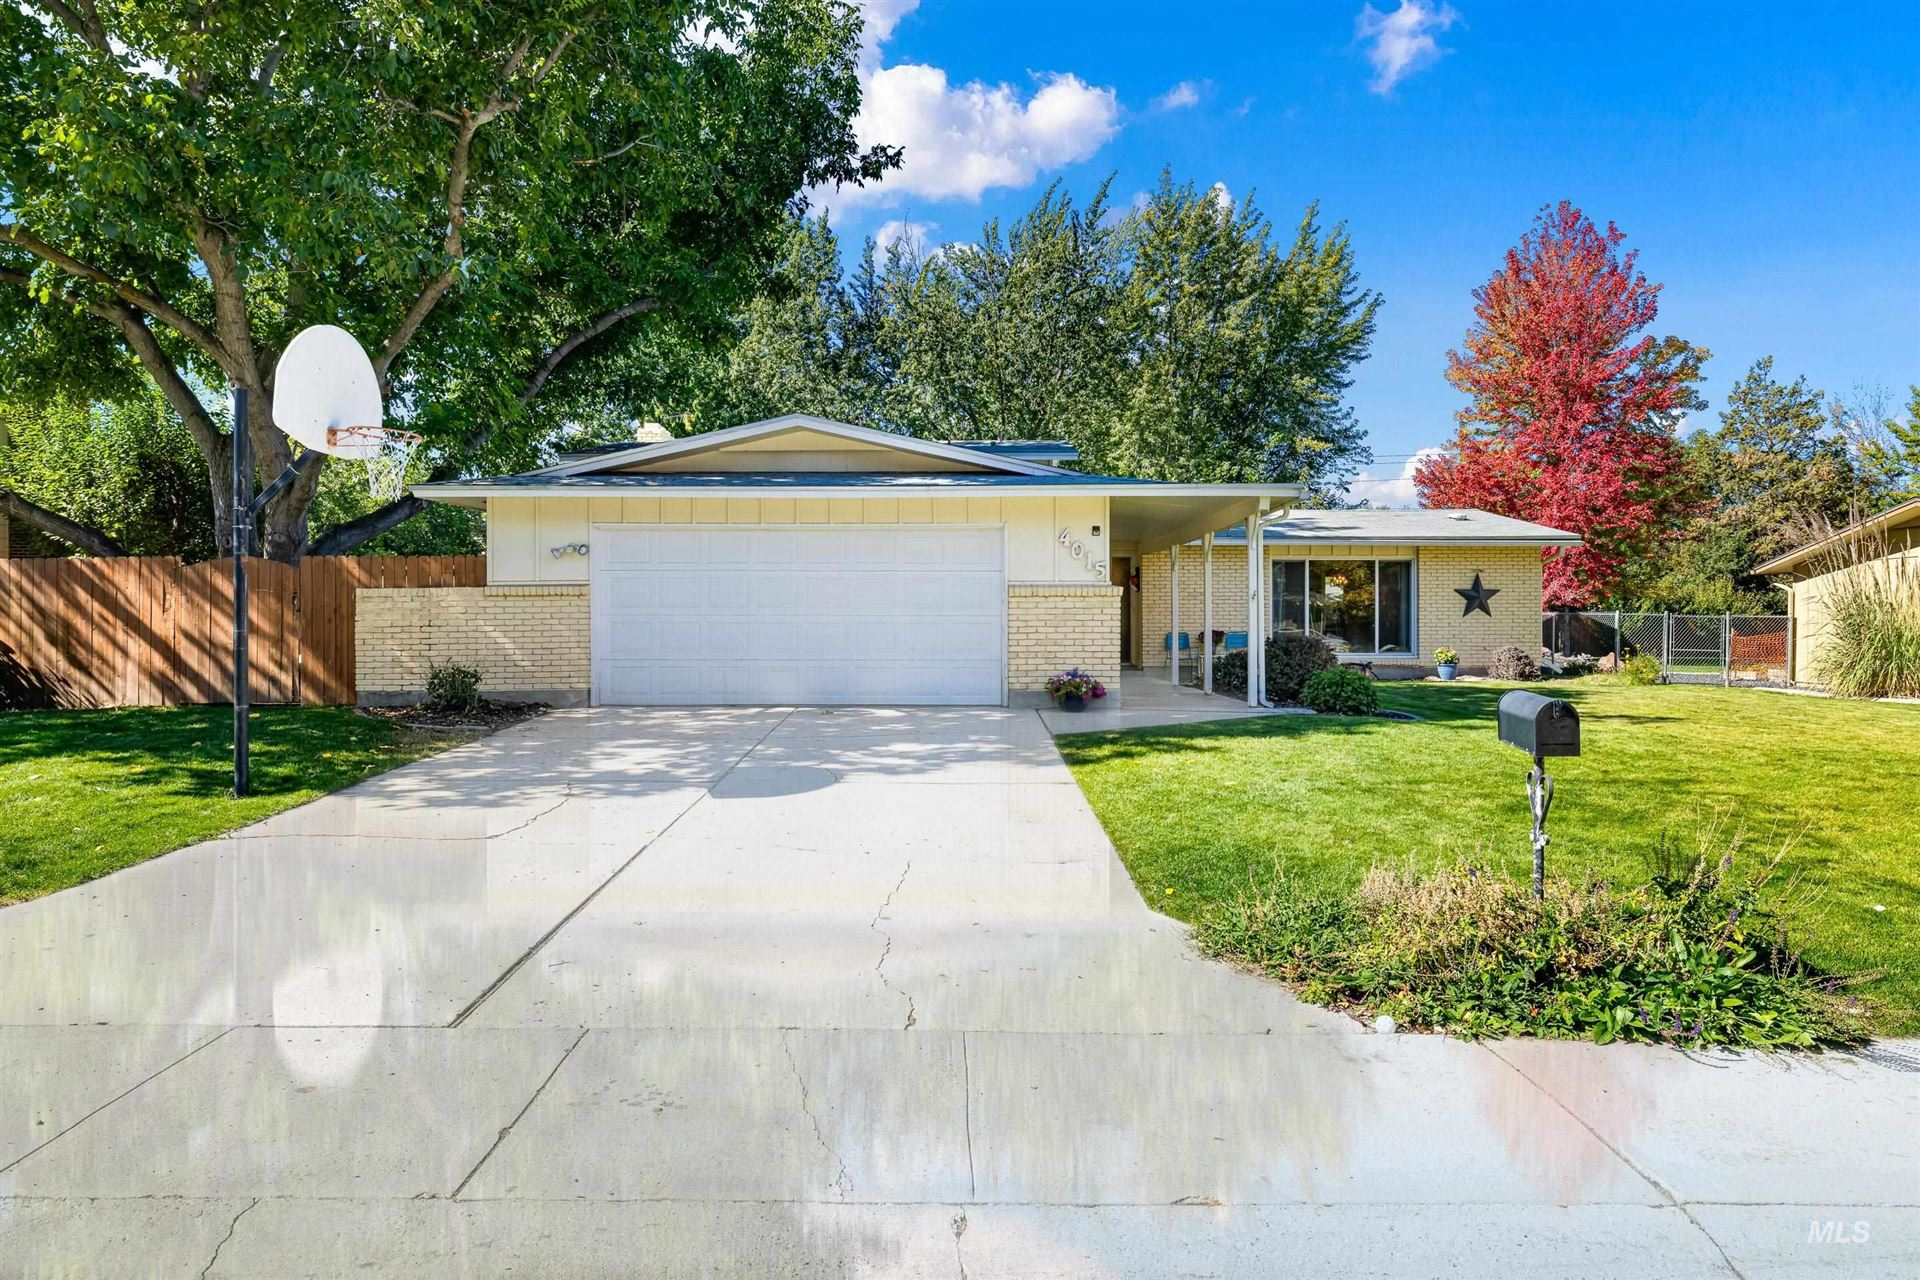 4015 N Kilarney Dr, Boise, ID 83704 - MLS#: 98820977